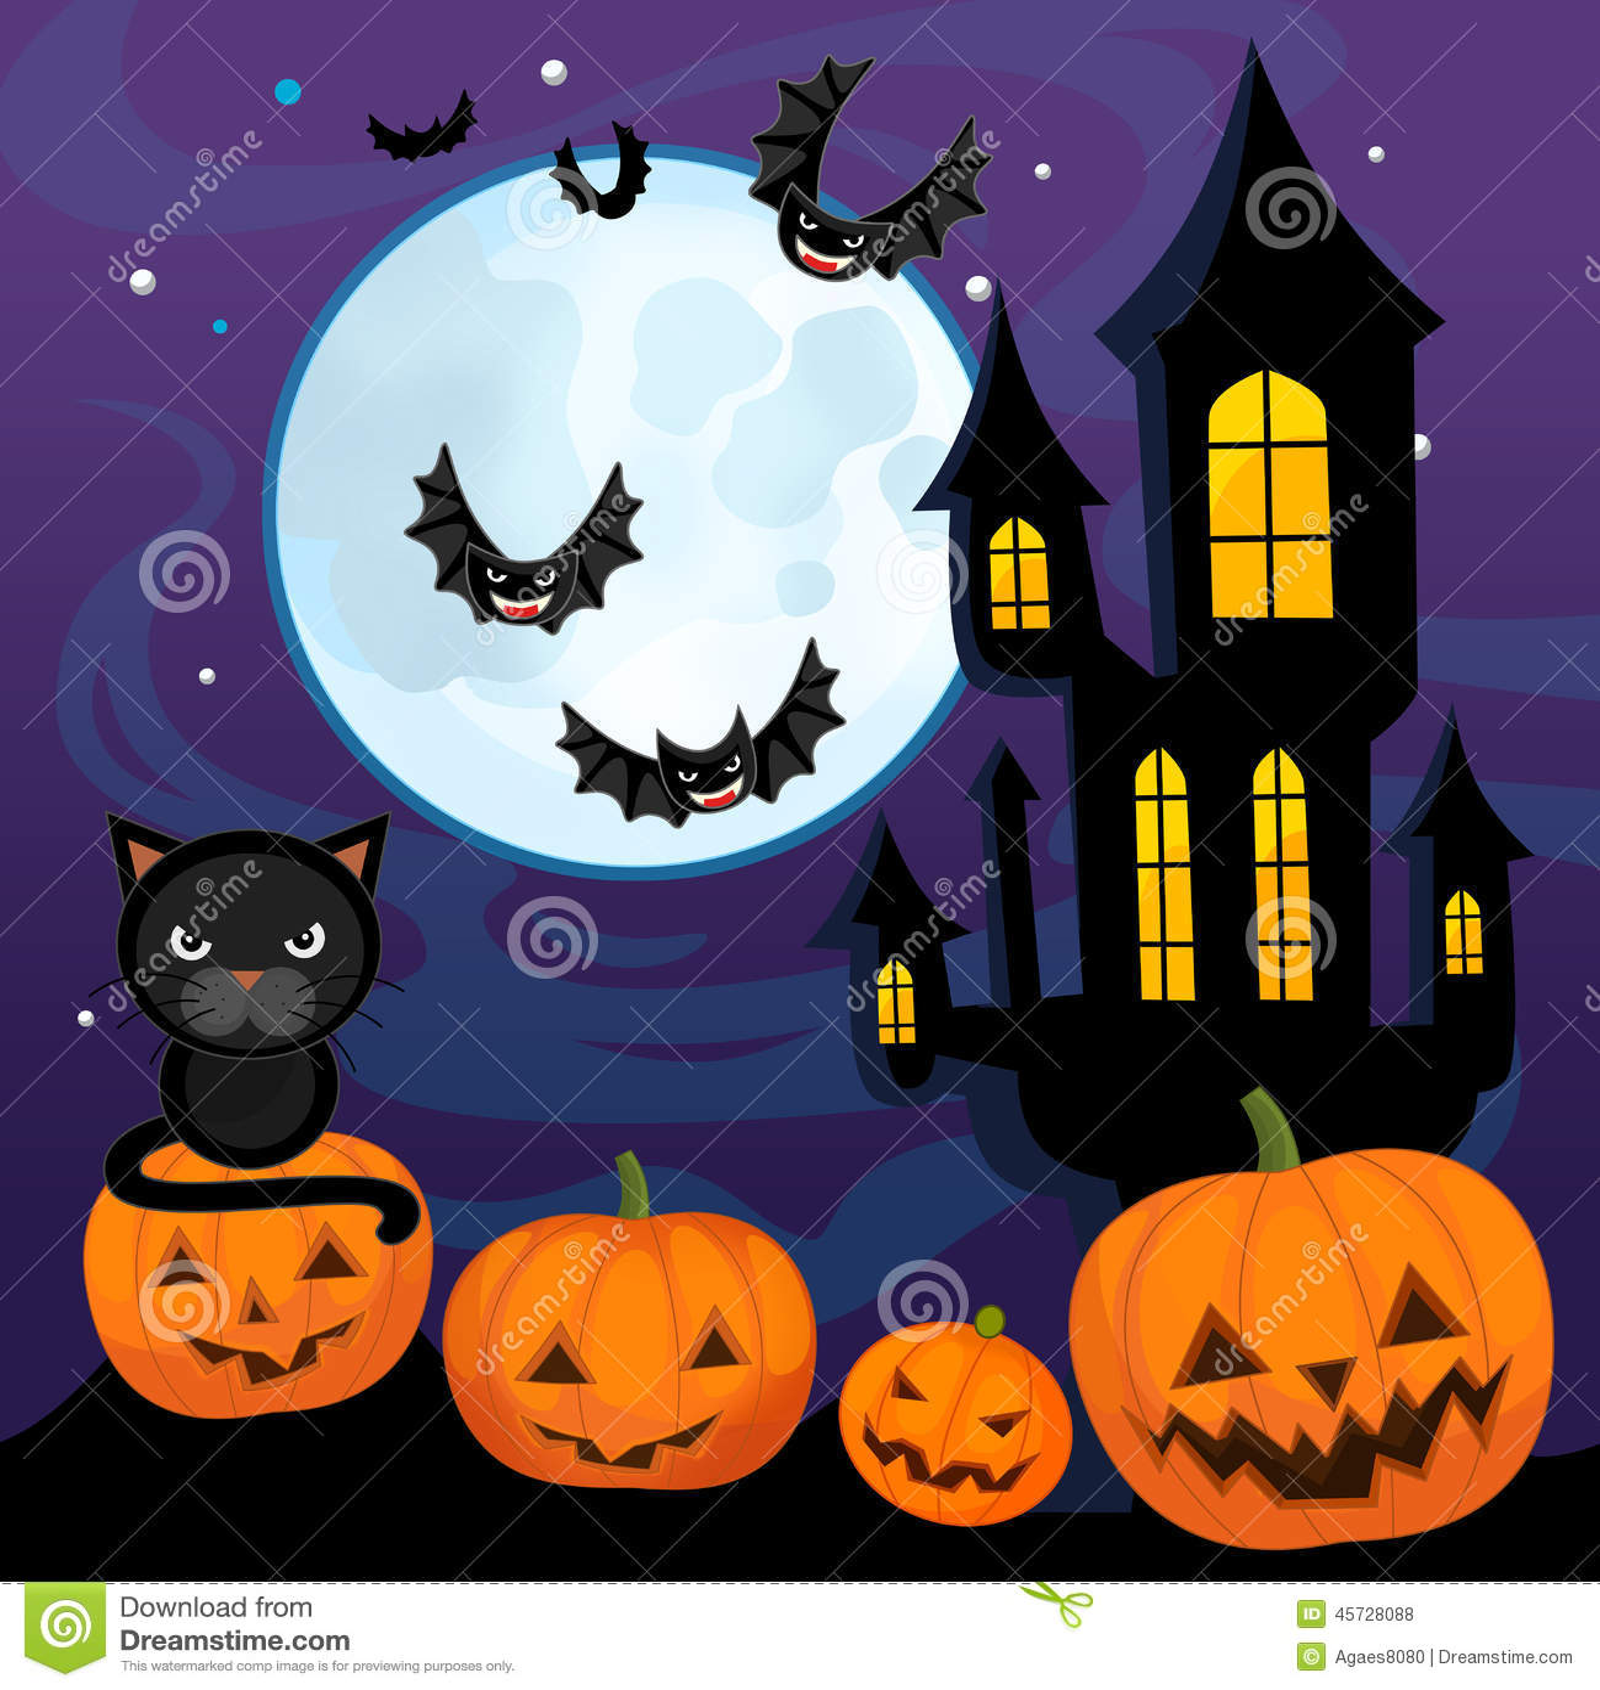 Cartoon Halloween Scene - Pumpkins By Night Stock Illustration ...